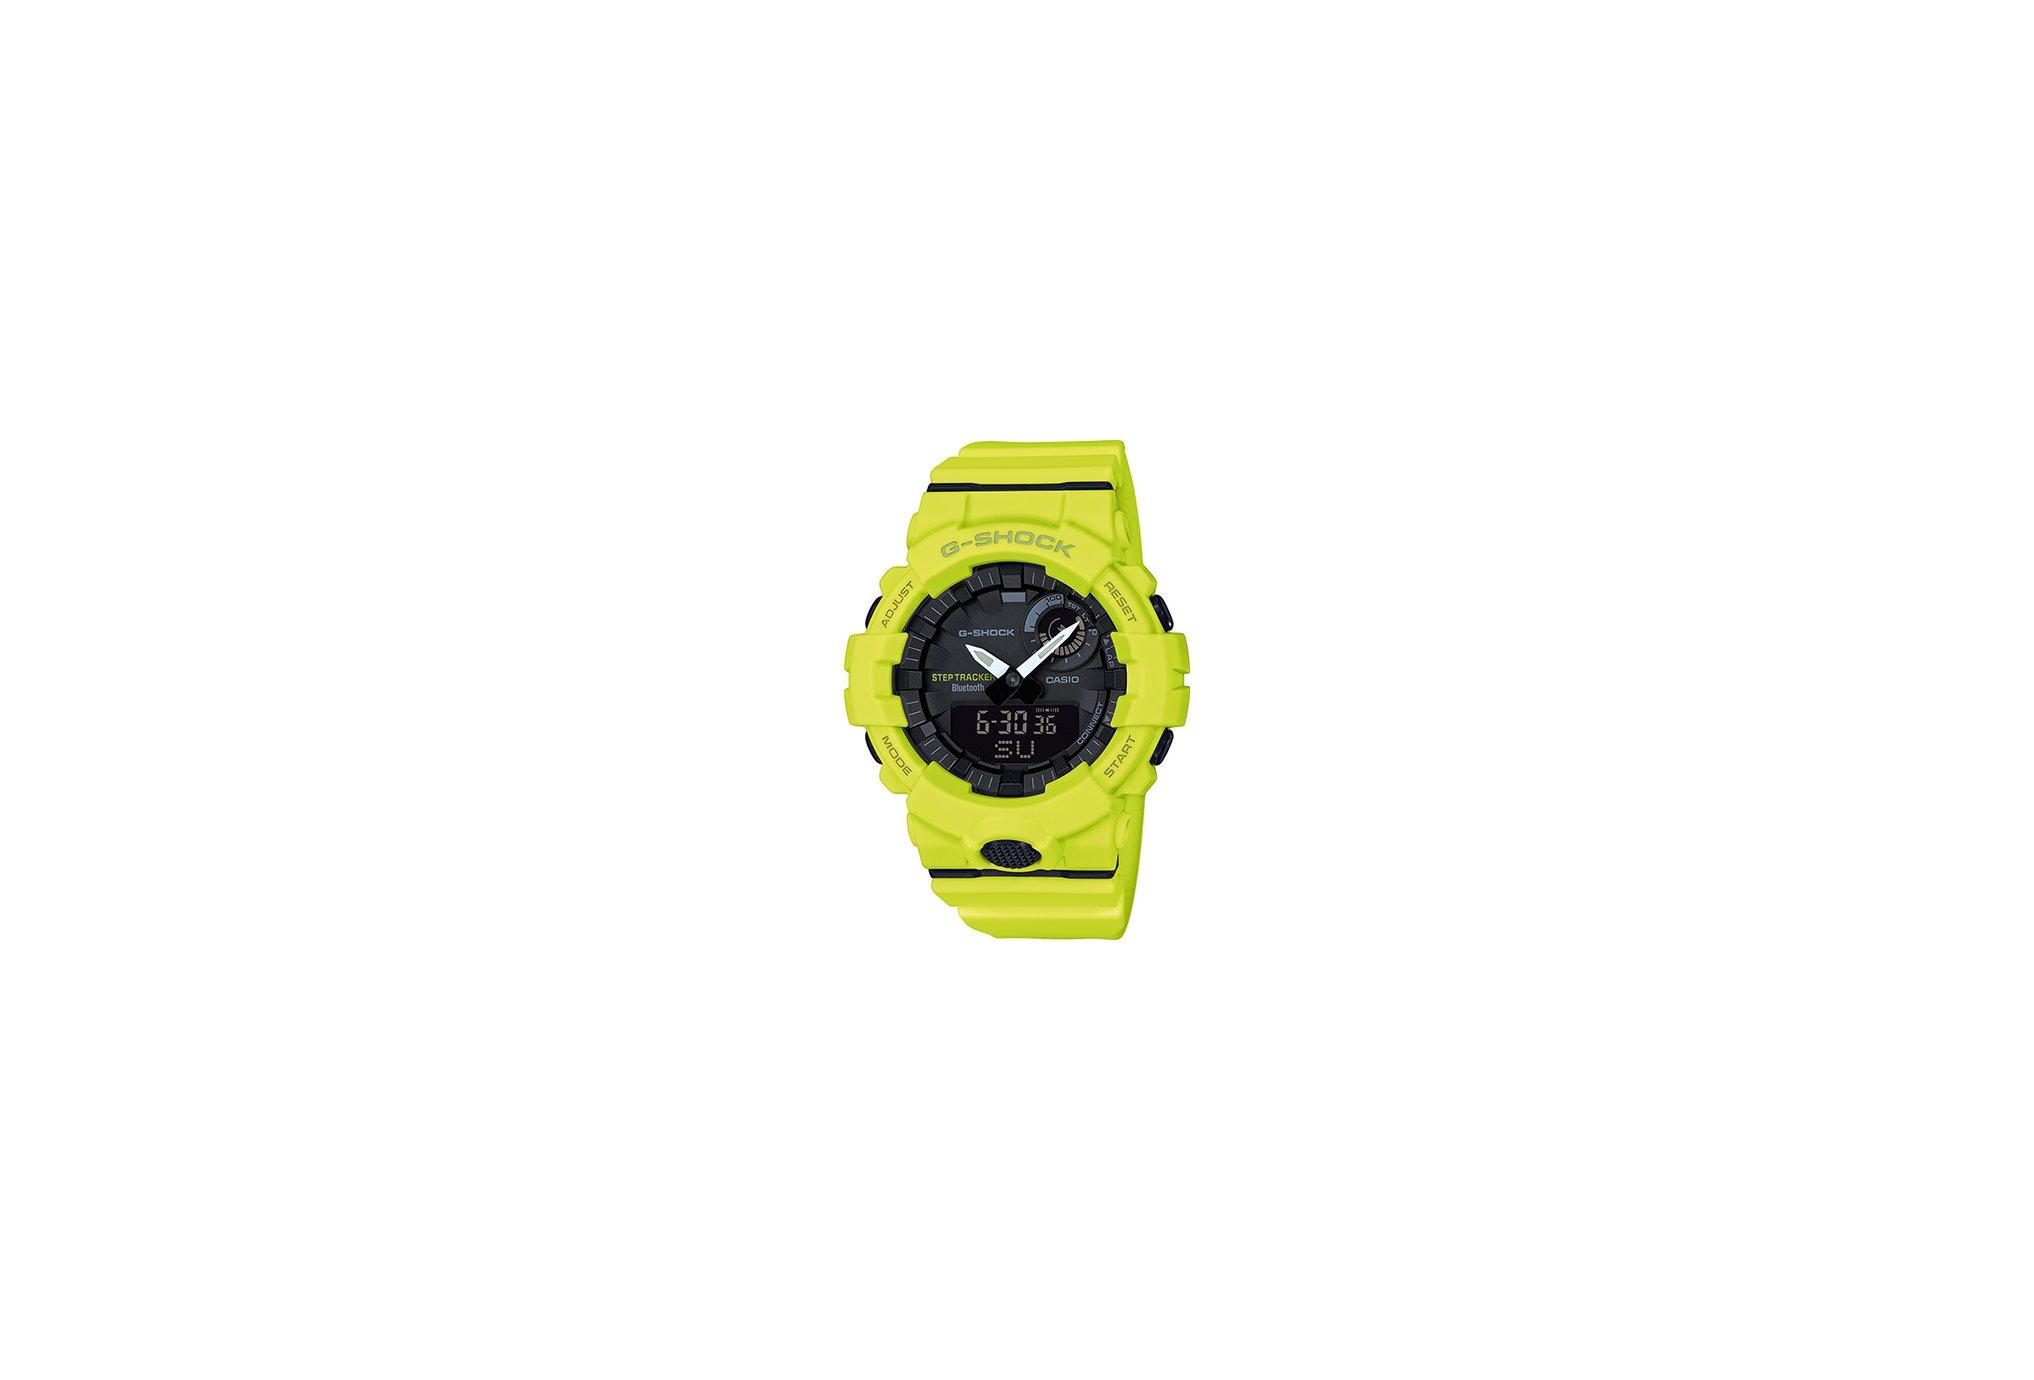 Casio G-Shock gba-800 montres de sport